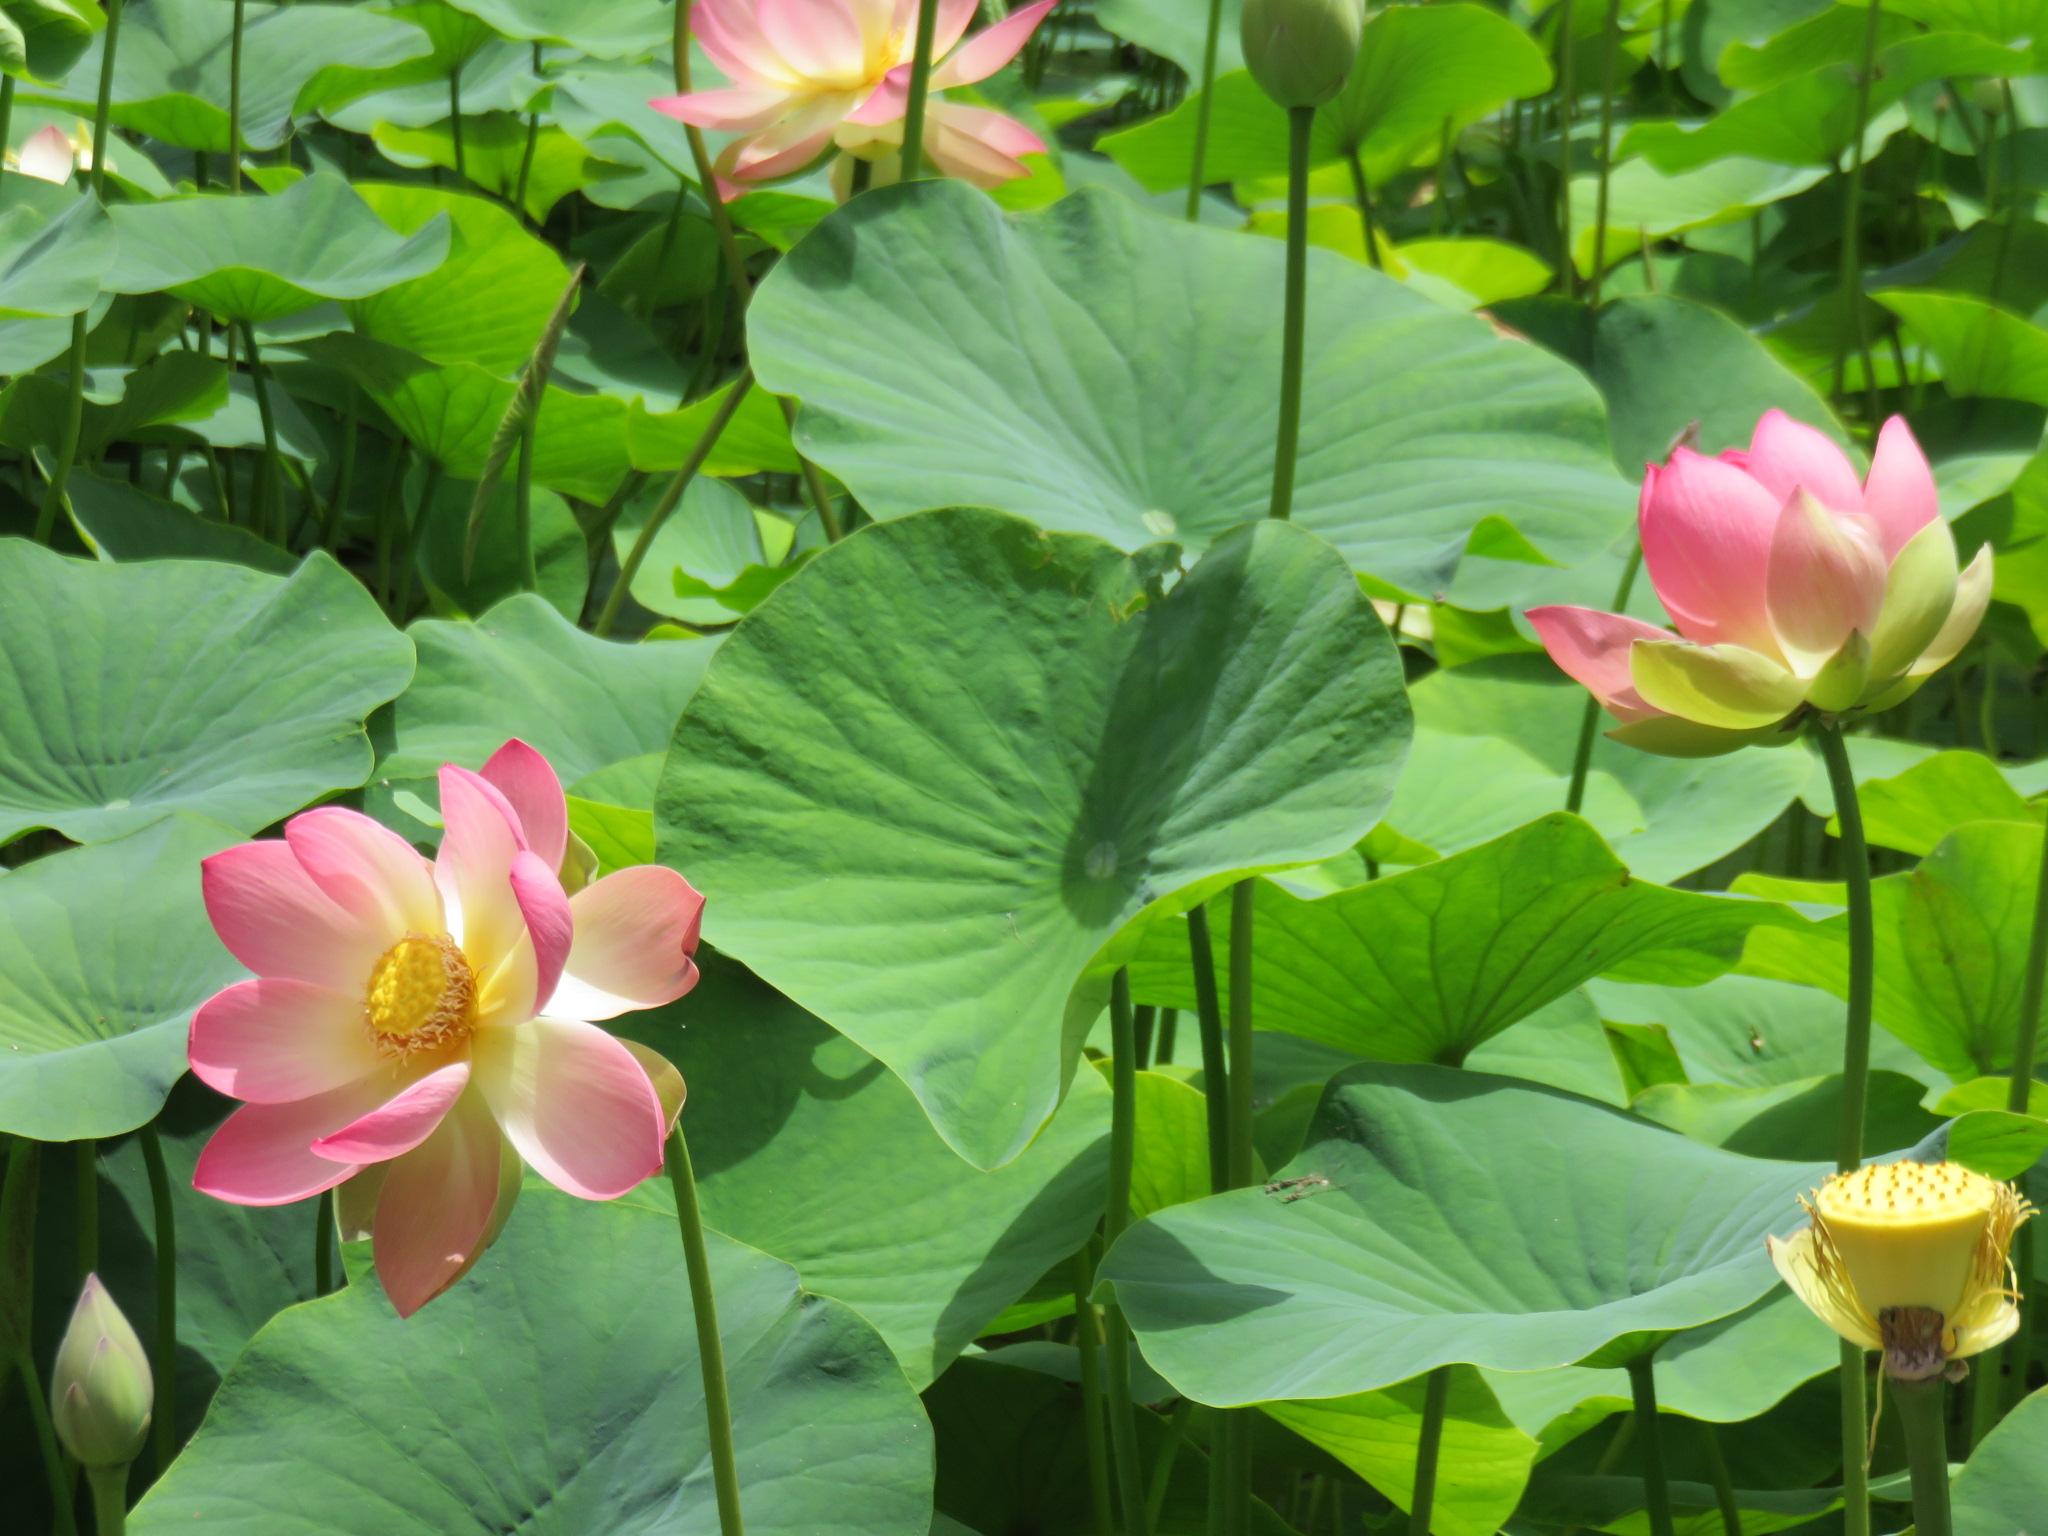 lotuslandlotusflower.JPG